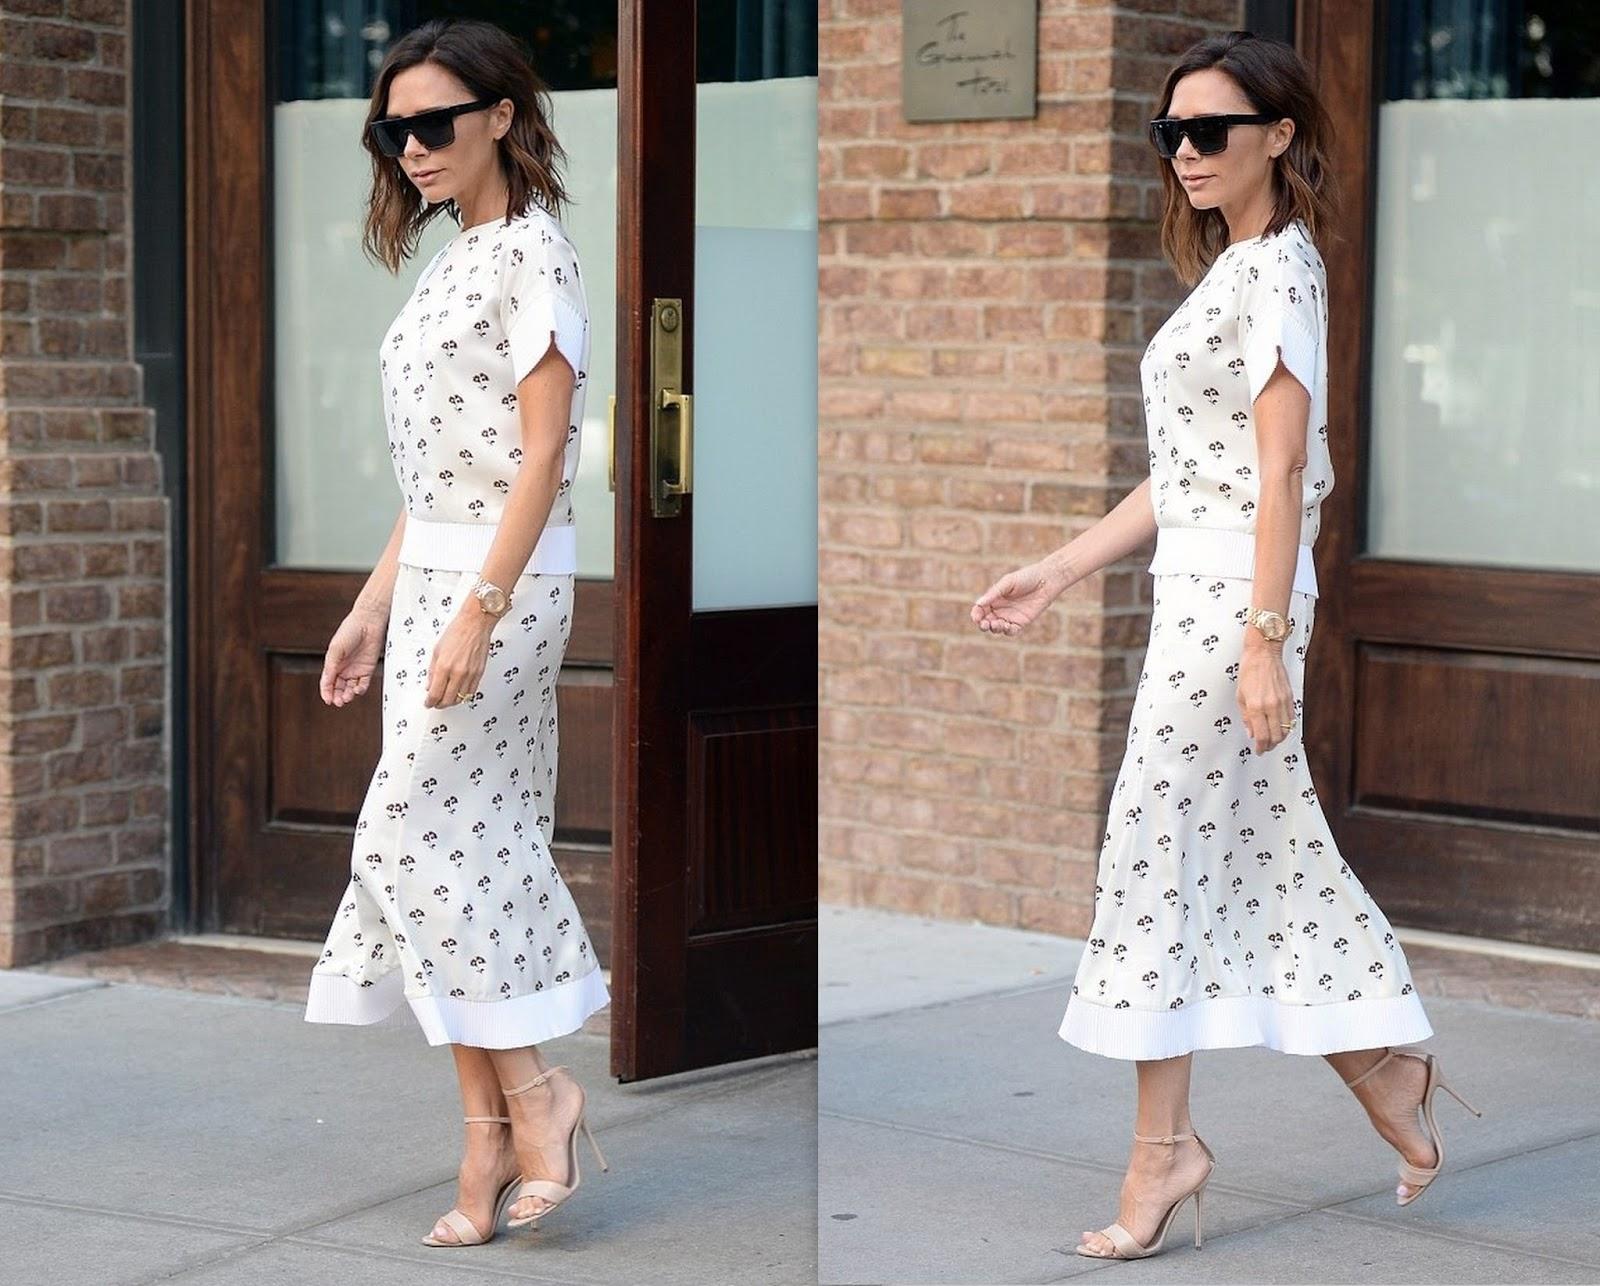 Victoria Beckham in NYC